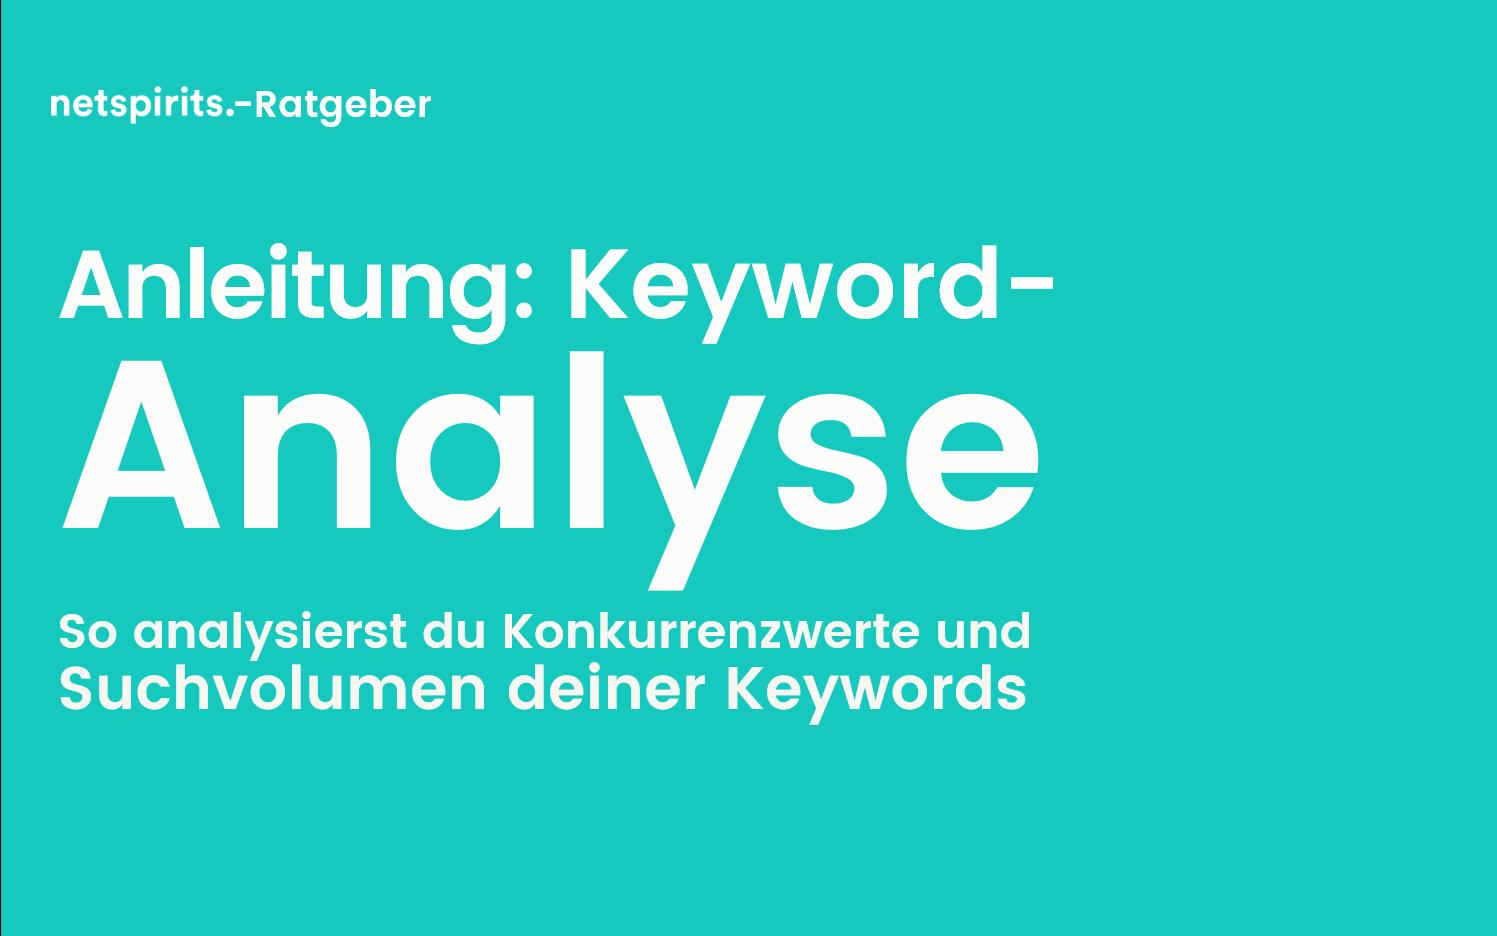 Wie kannst du eine Keyword-Analyse mit dem Keyword-Planer umsetzen